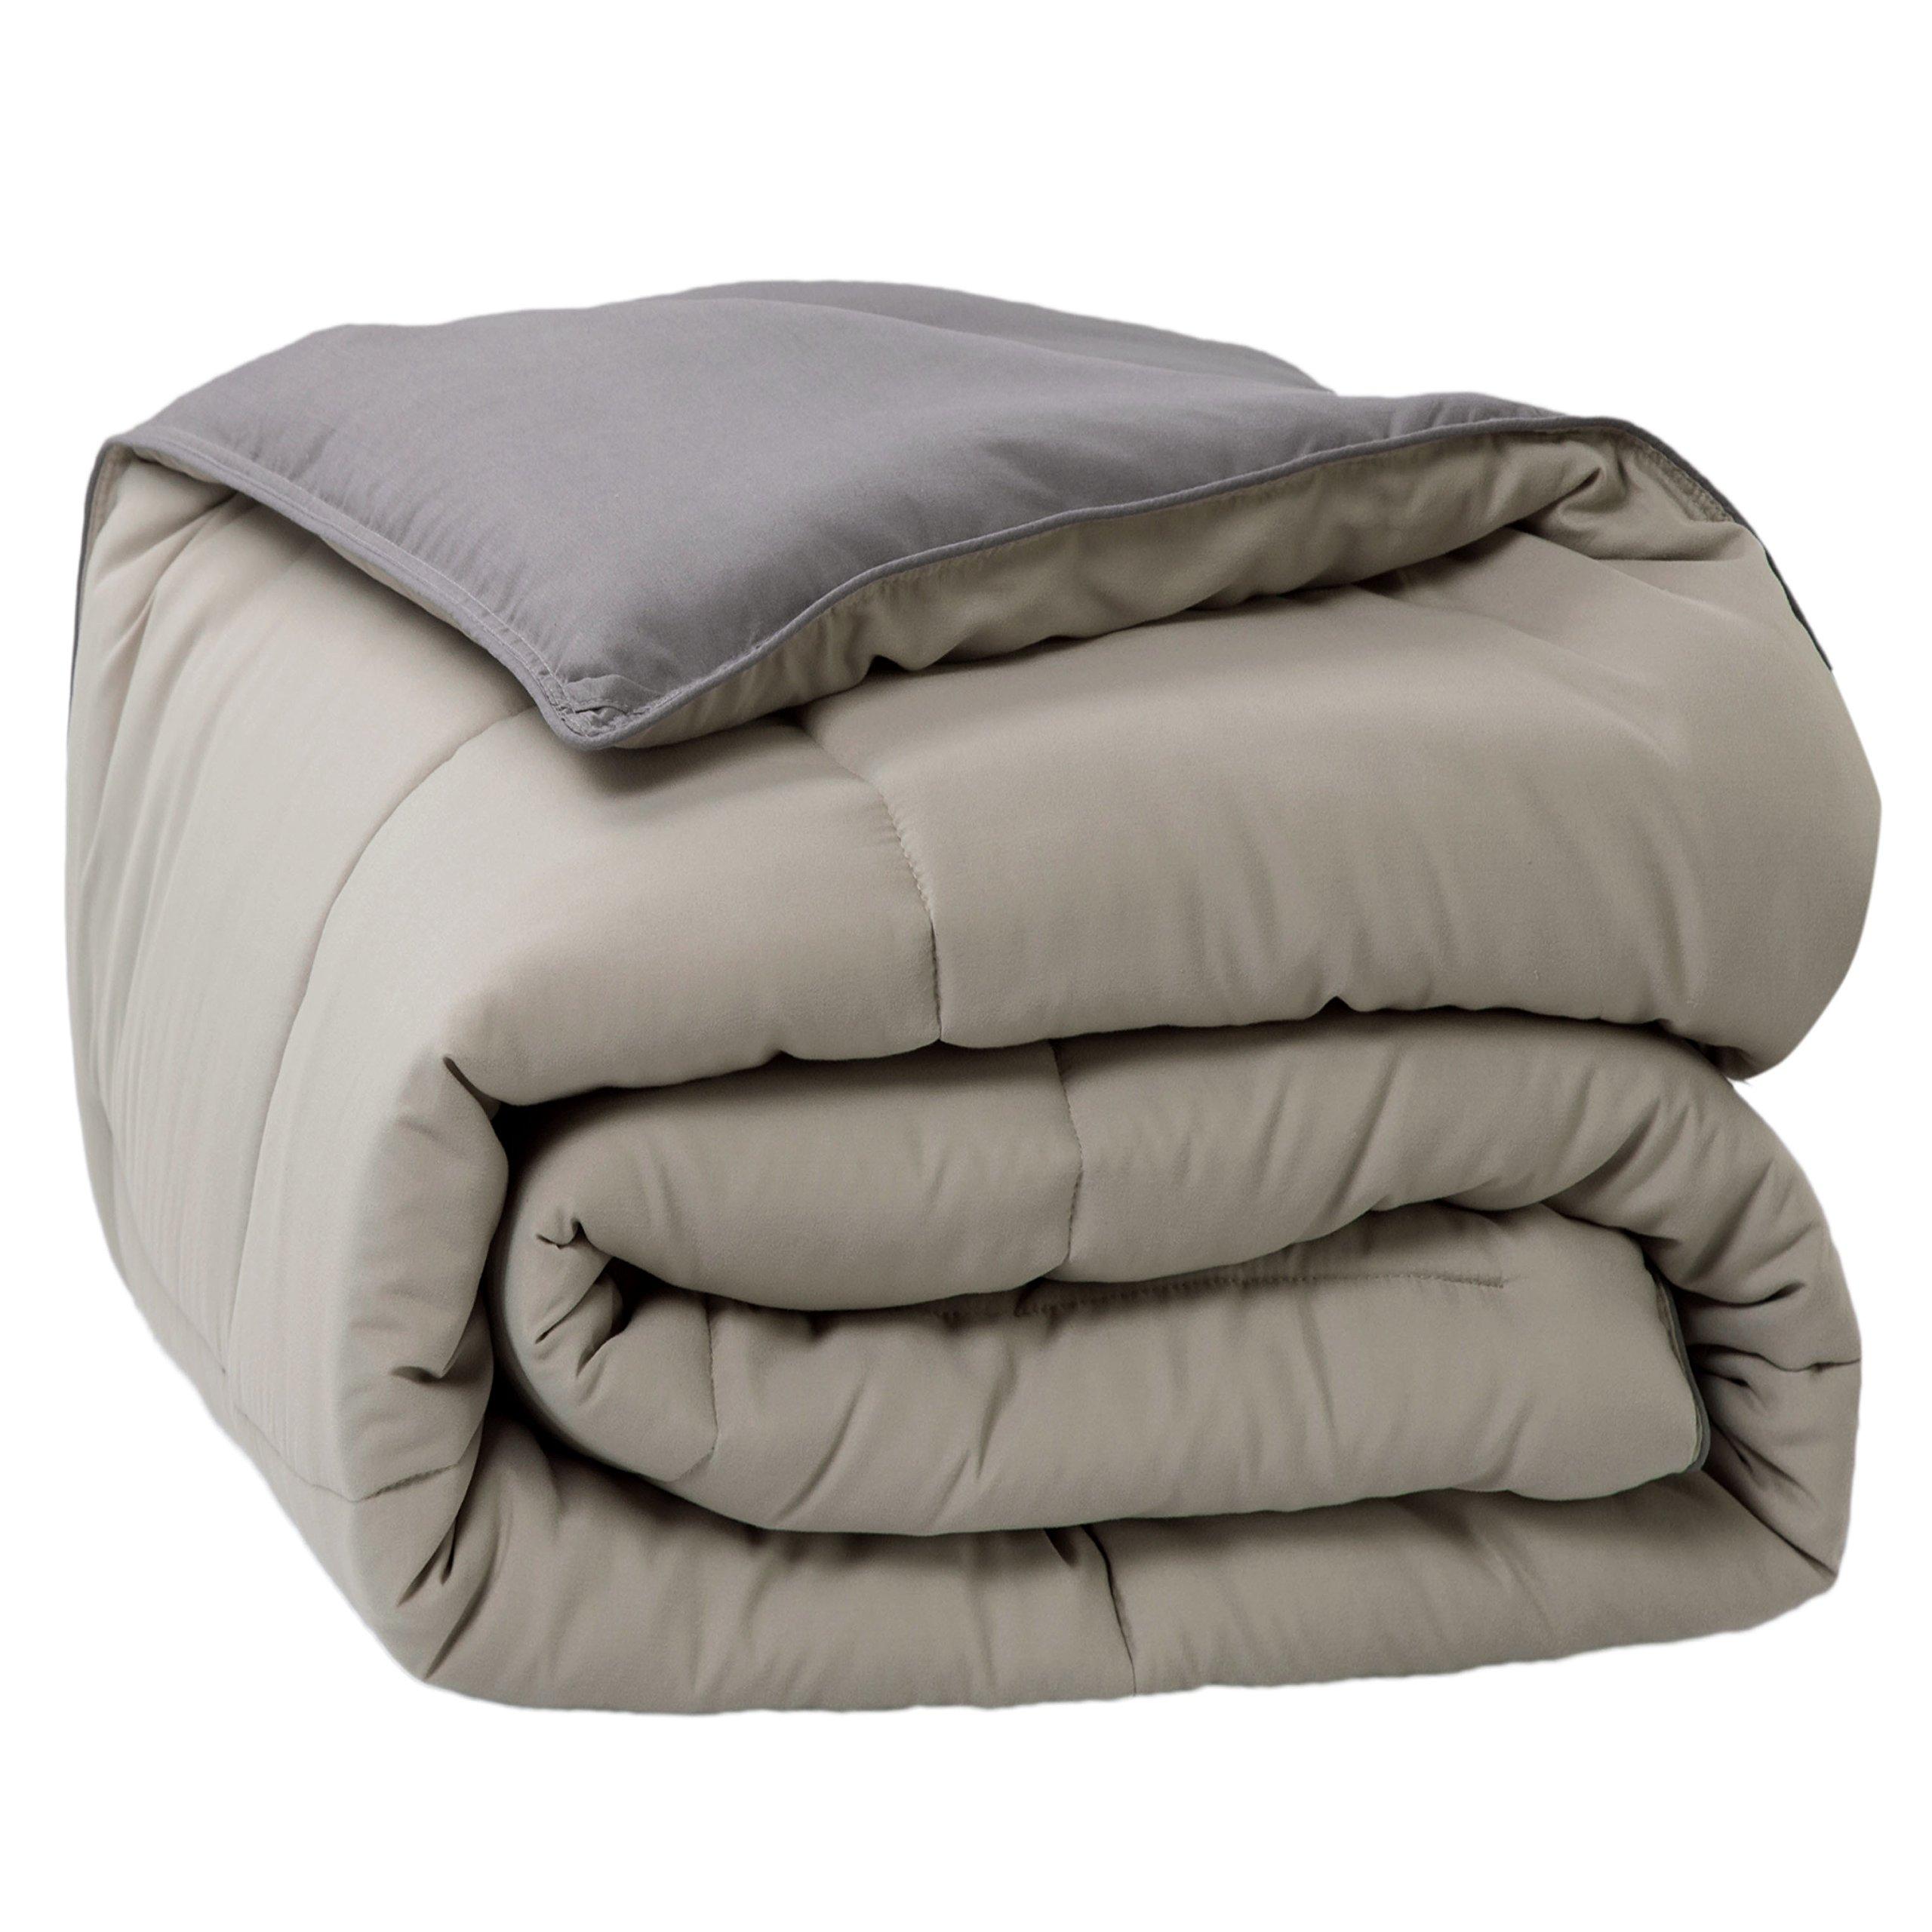 Bedsure Down Alternative Comforter Queen/Full Size Dark Grey Light Grey Reversible Microfiber Comforter Duvet